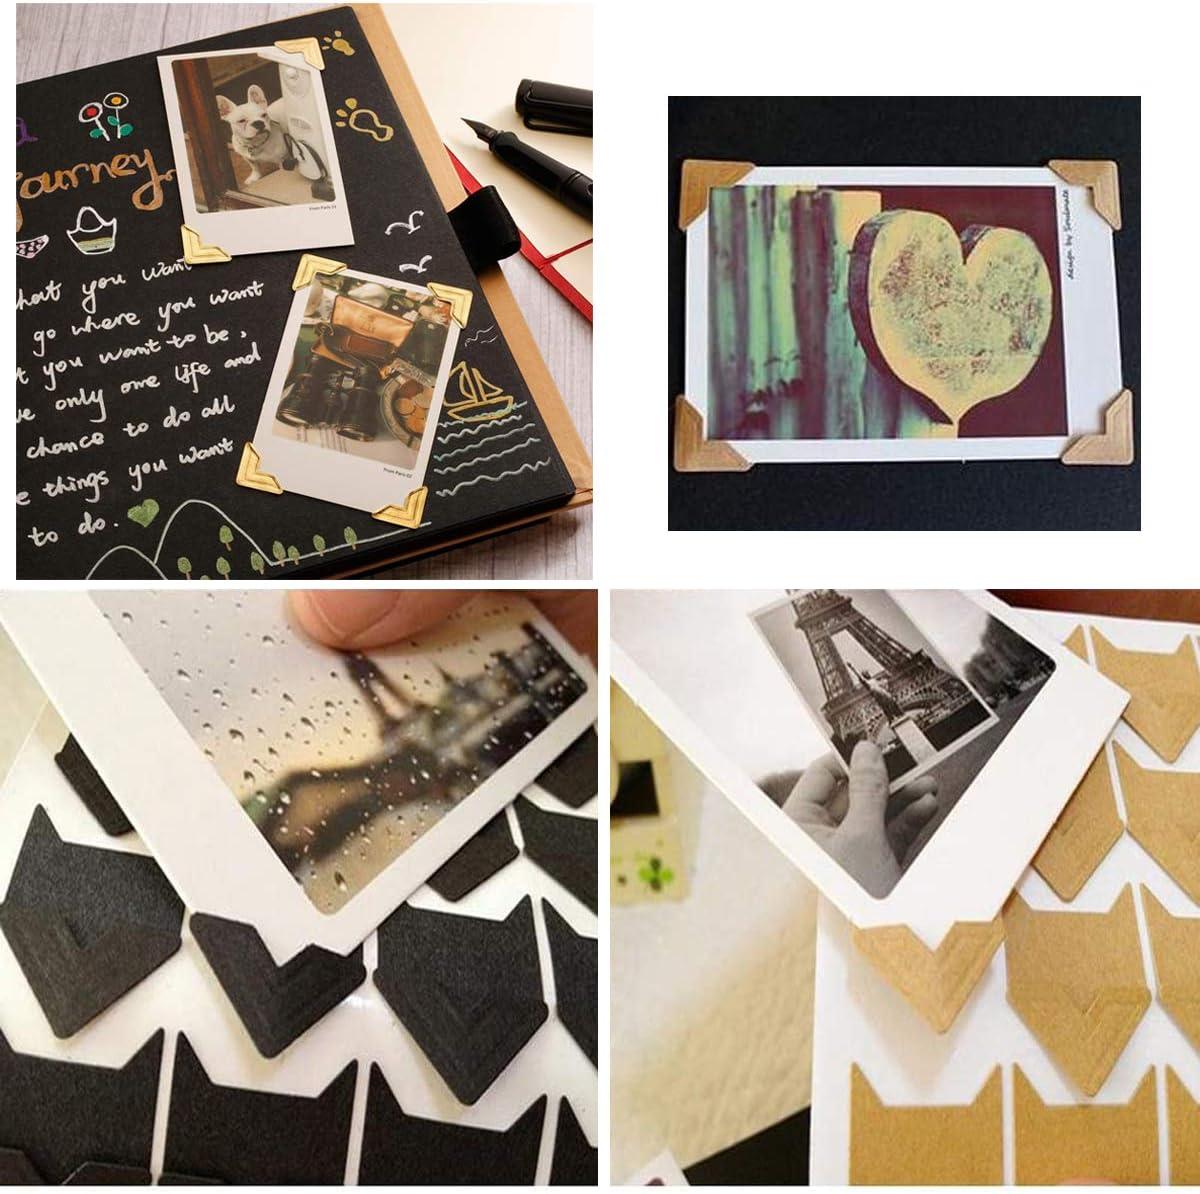 Liwein 20 Hojas Pegatinas para Esquinas de Fotos Autoadhesivas Pegatinas de Esquina de Papel Esquinas de Foto para /álbum de Recortes DIY /Álbum de Pictura Diario